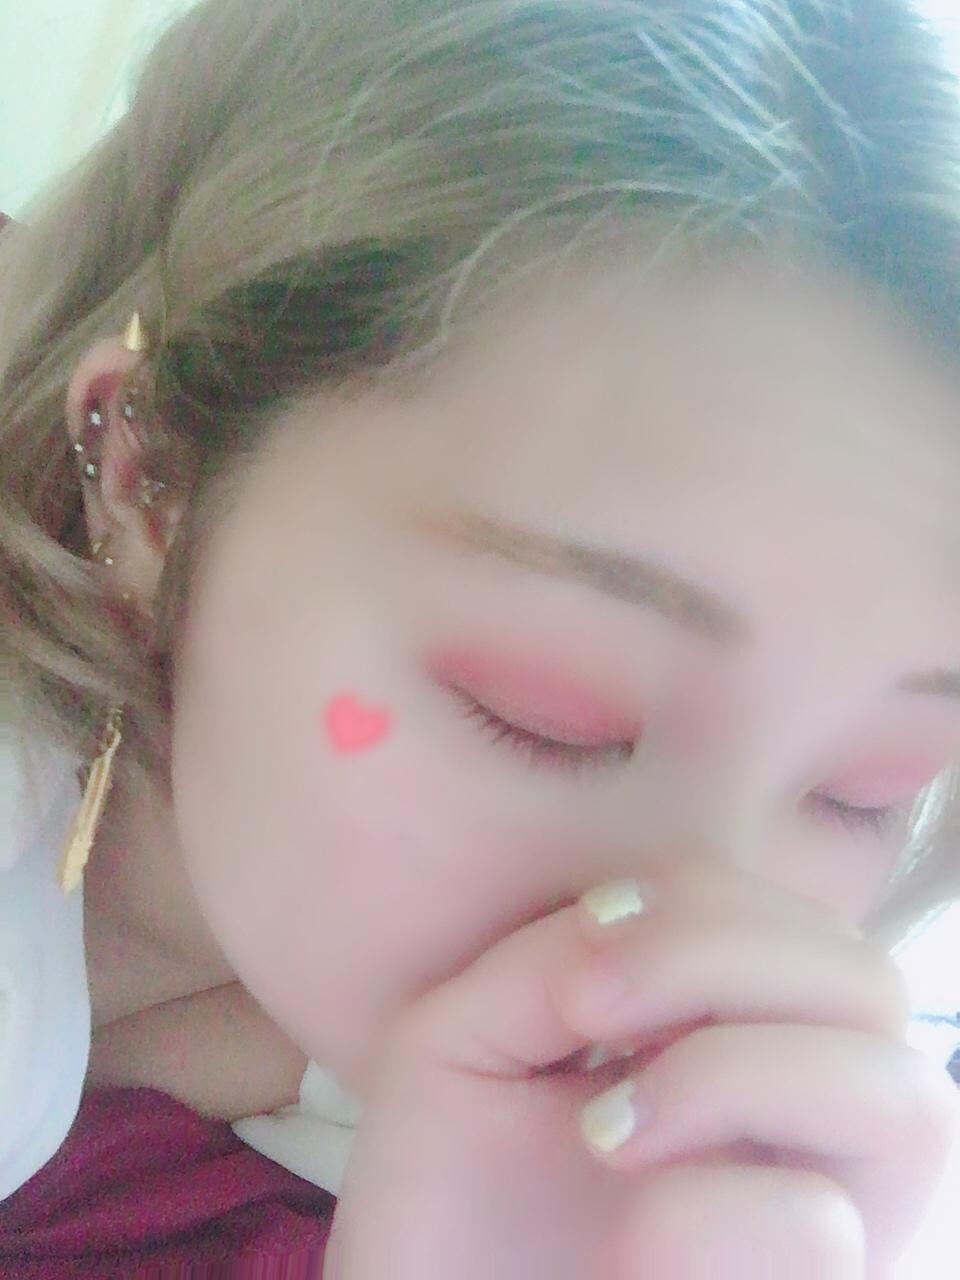 Sae-サエ-「晴れ!」06/17(月) 18:47 | Sae-サエ-の写メ・風俗動画